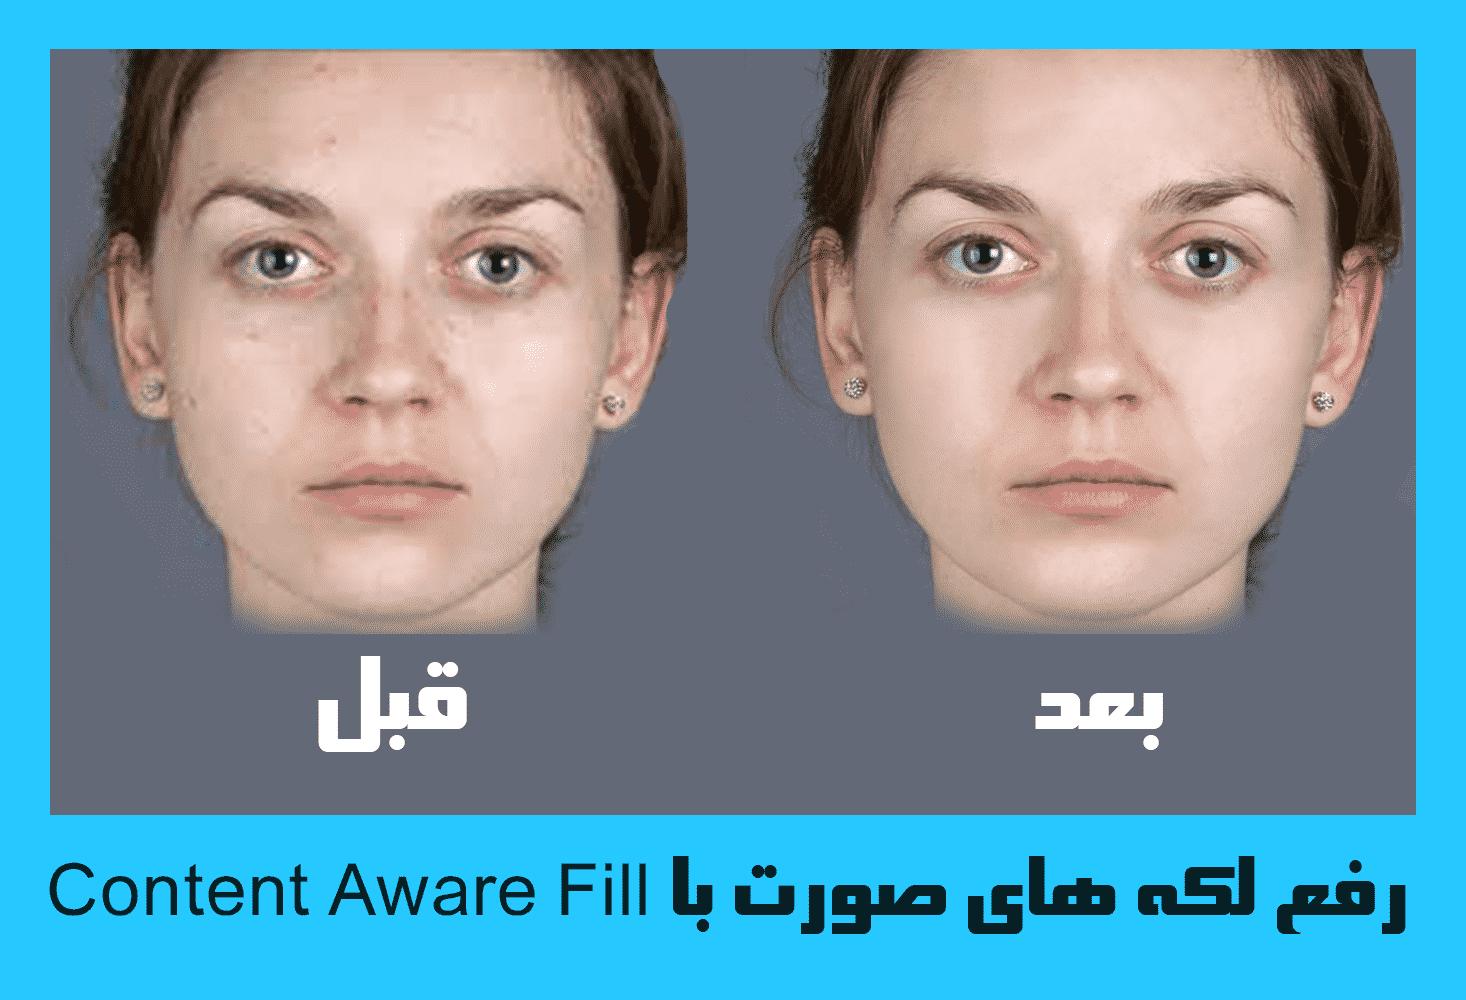 رفع لکه های صورت با Content Aware Fill